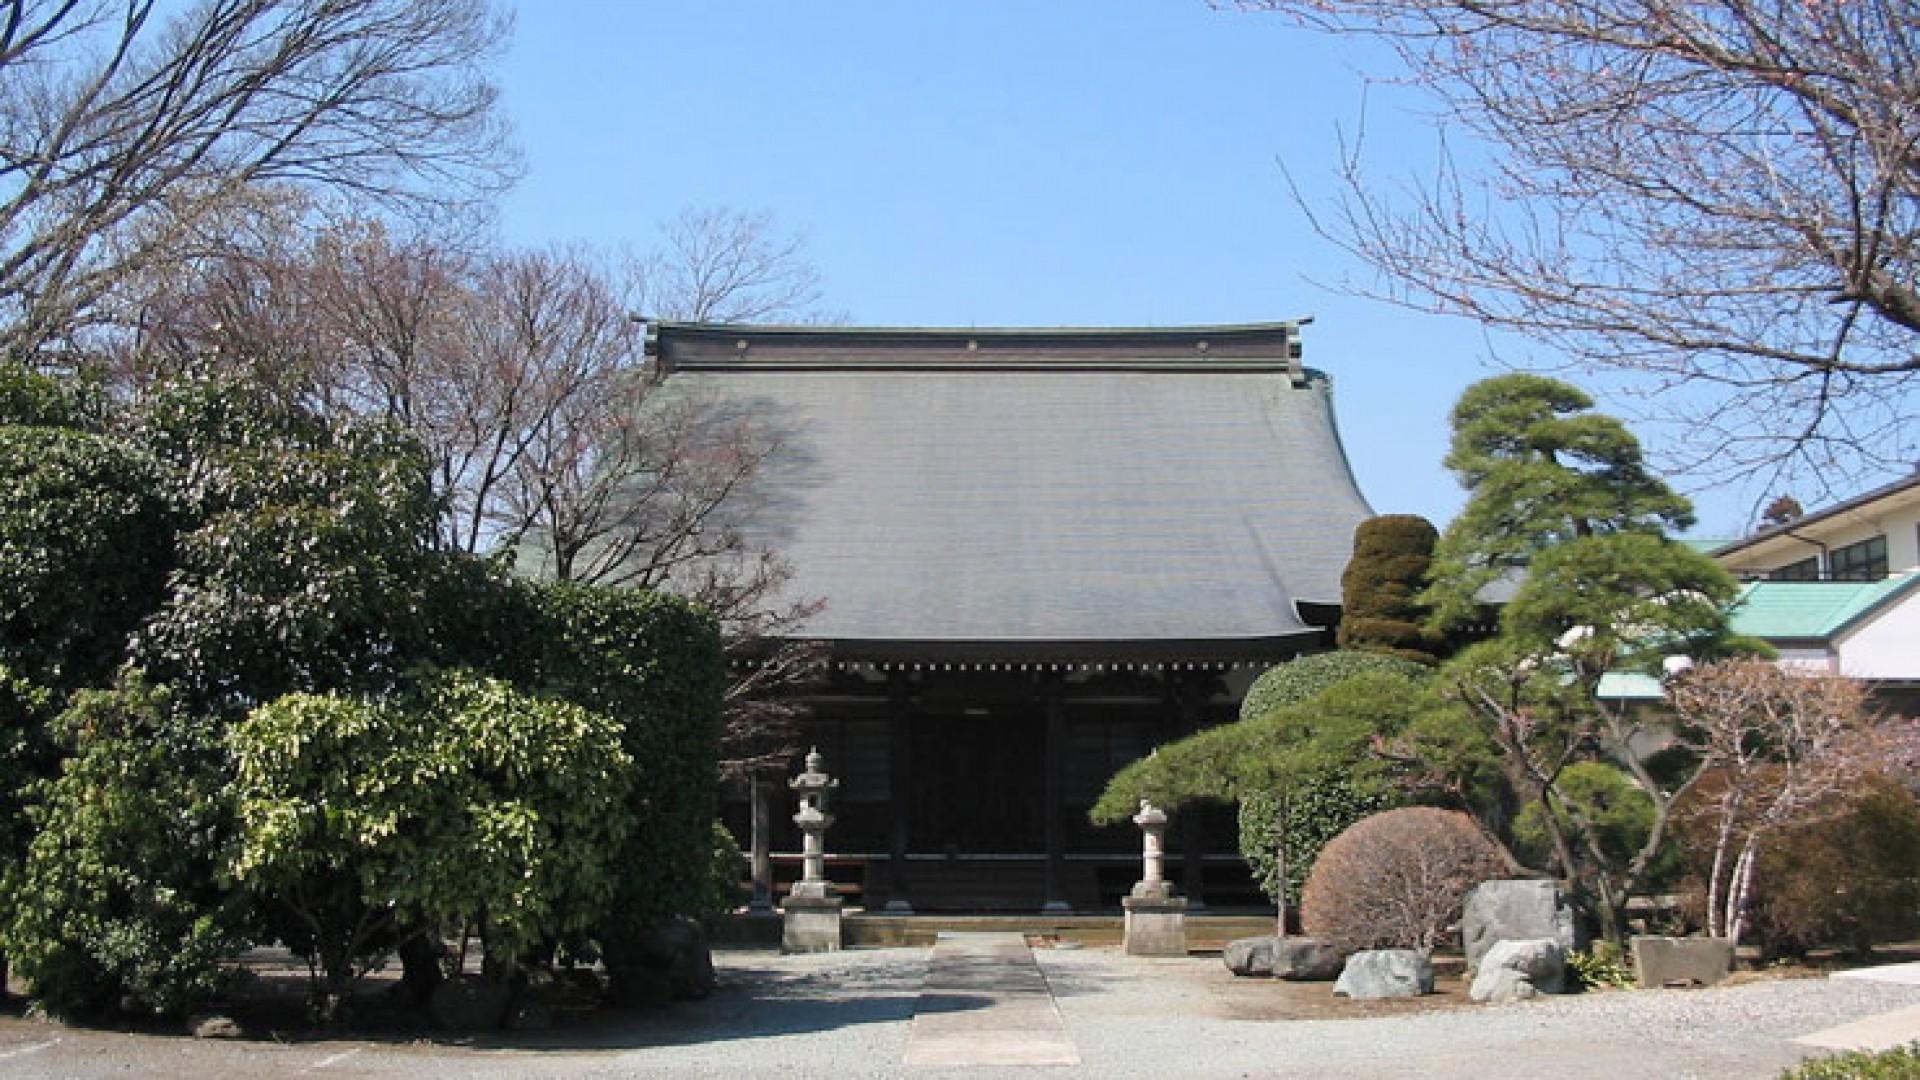 Kotokuji